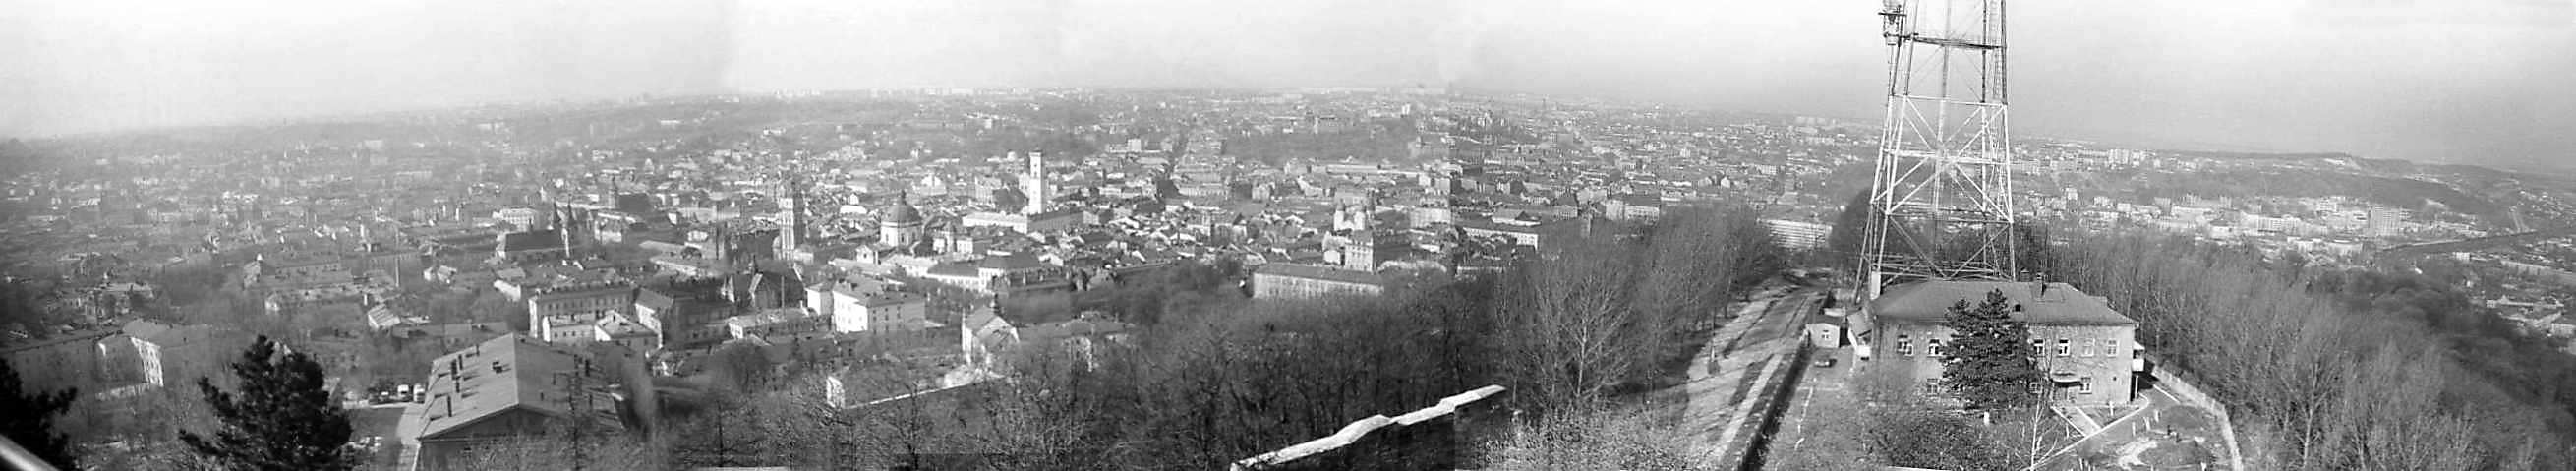 1976 р. Панорама міста з Високого замку